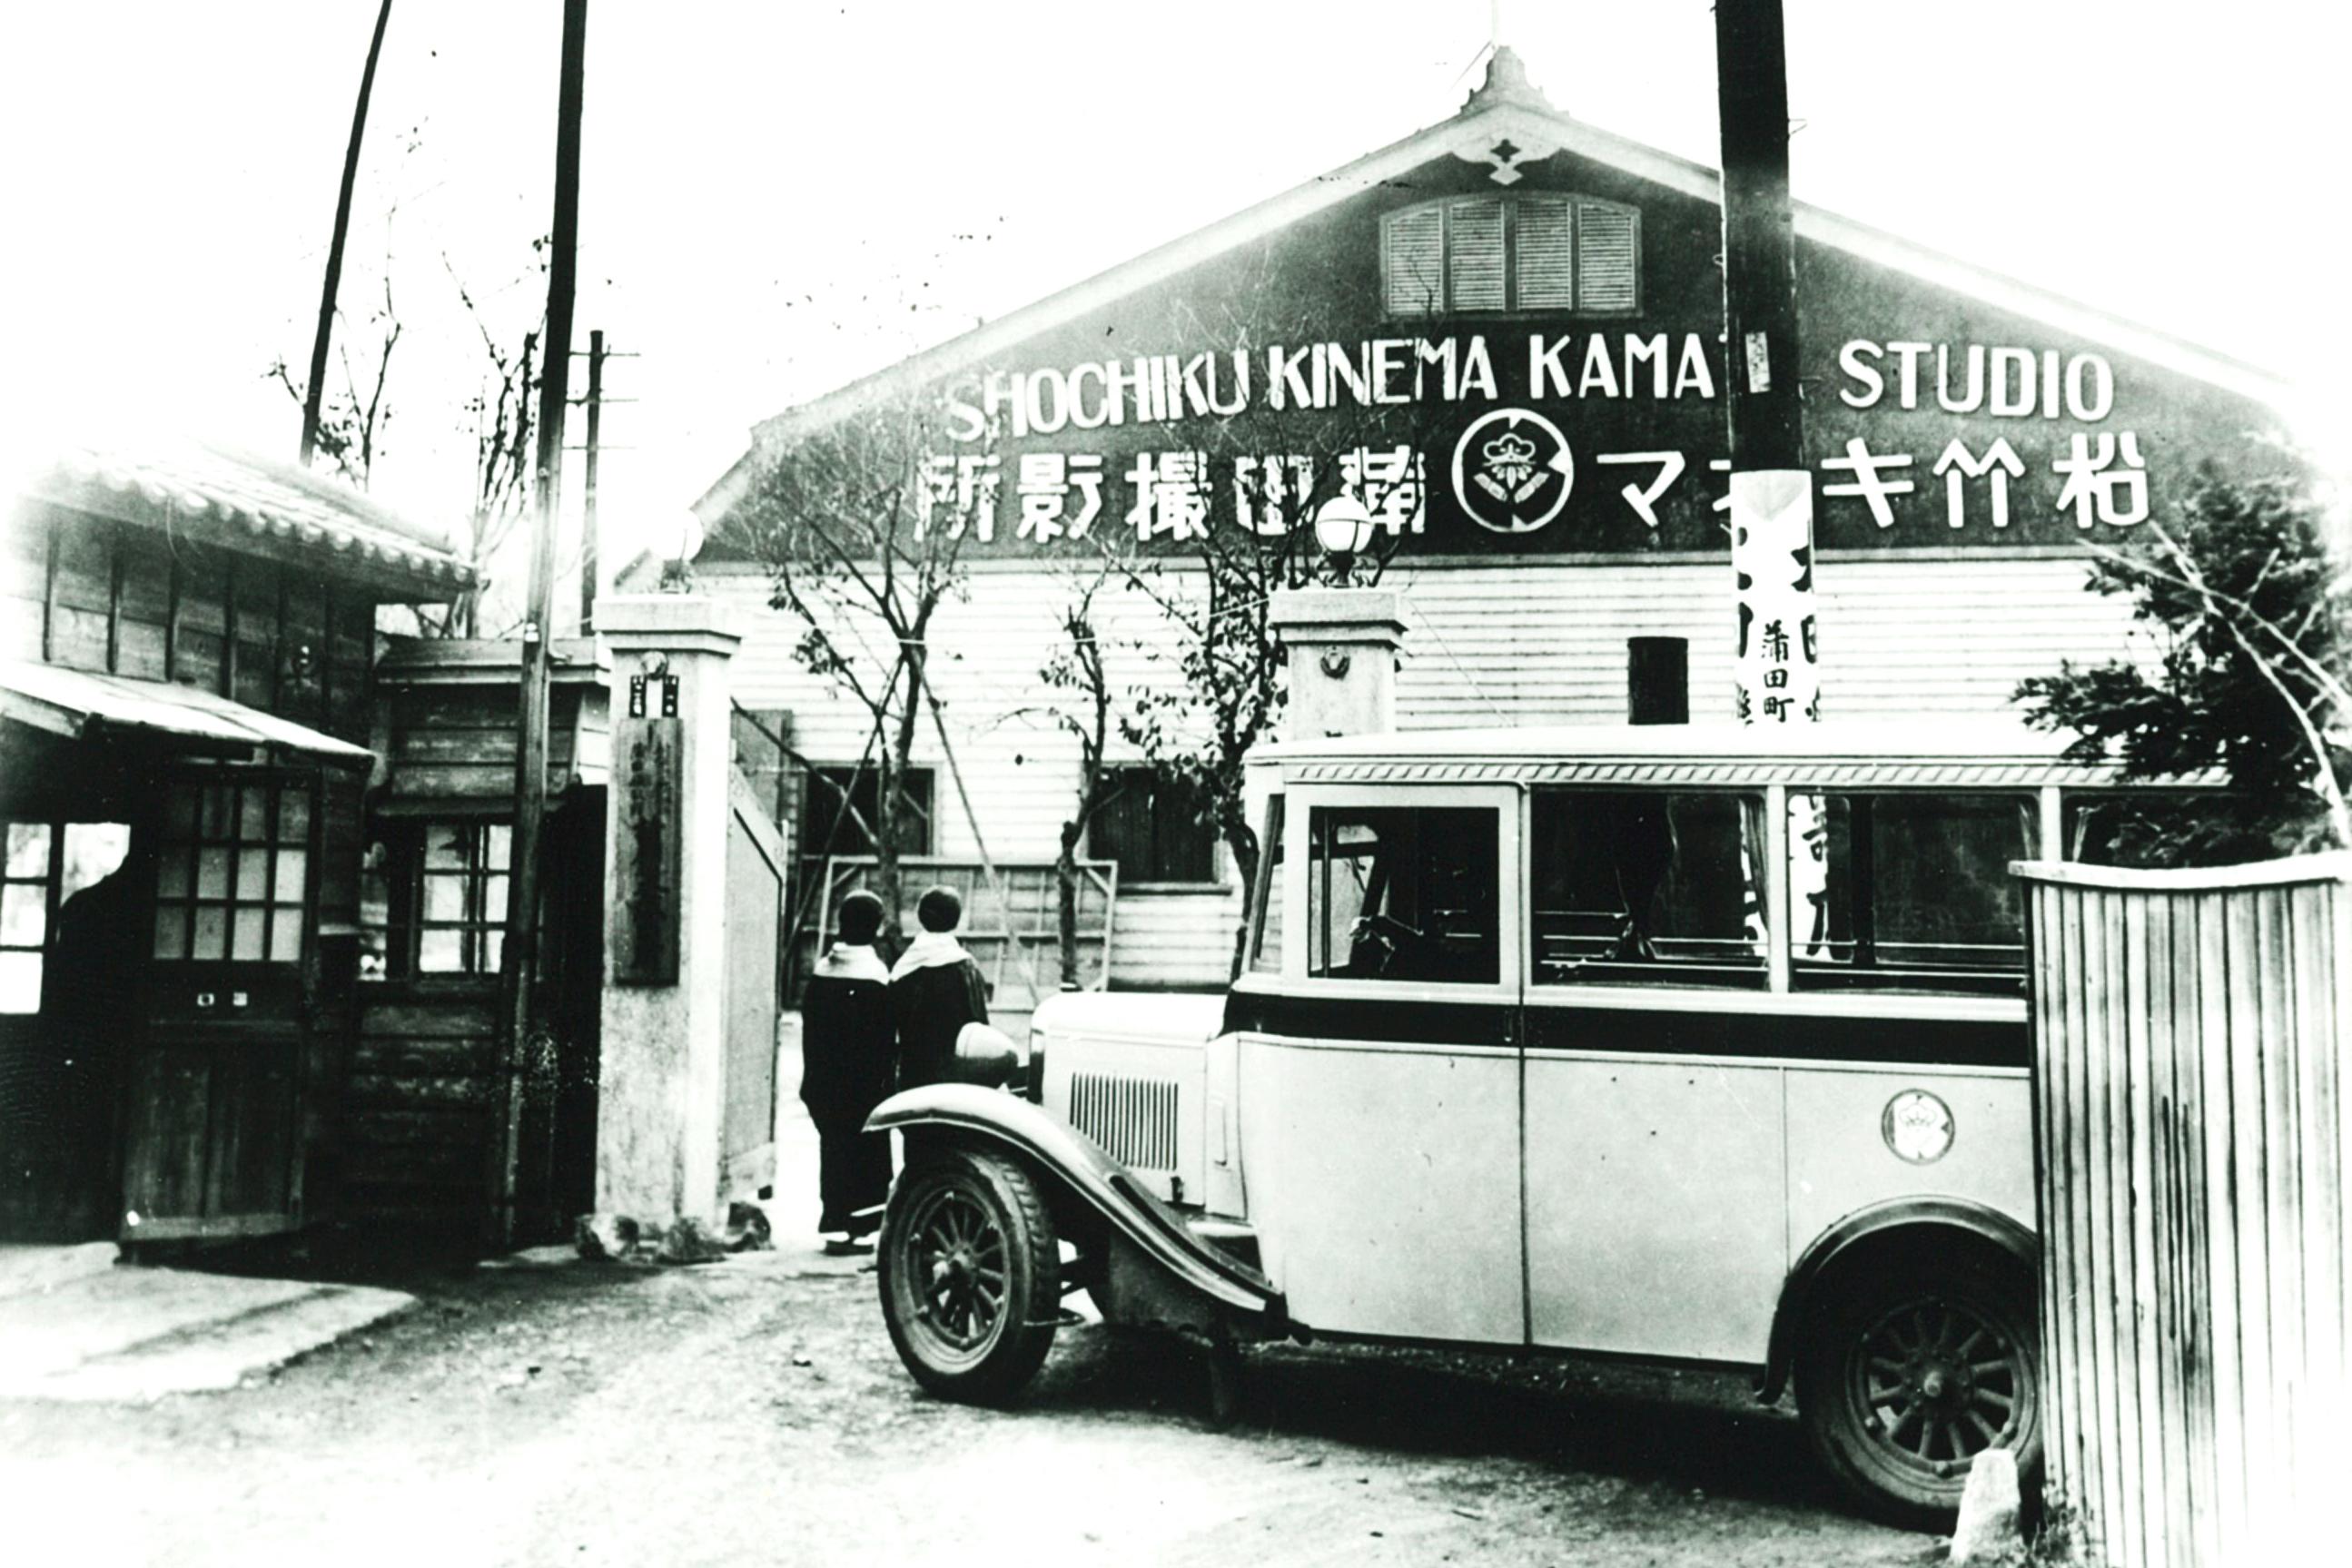 蒲田撮影所